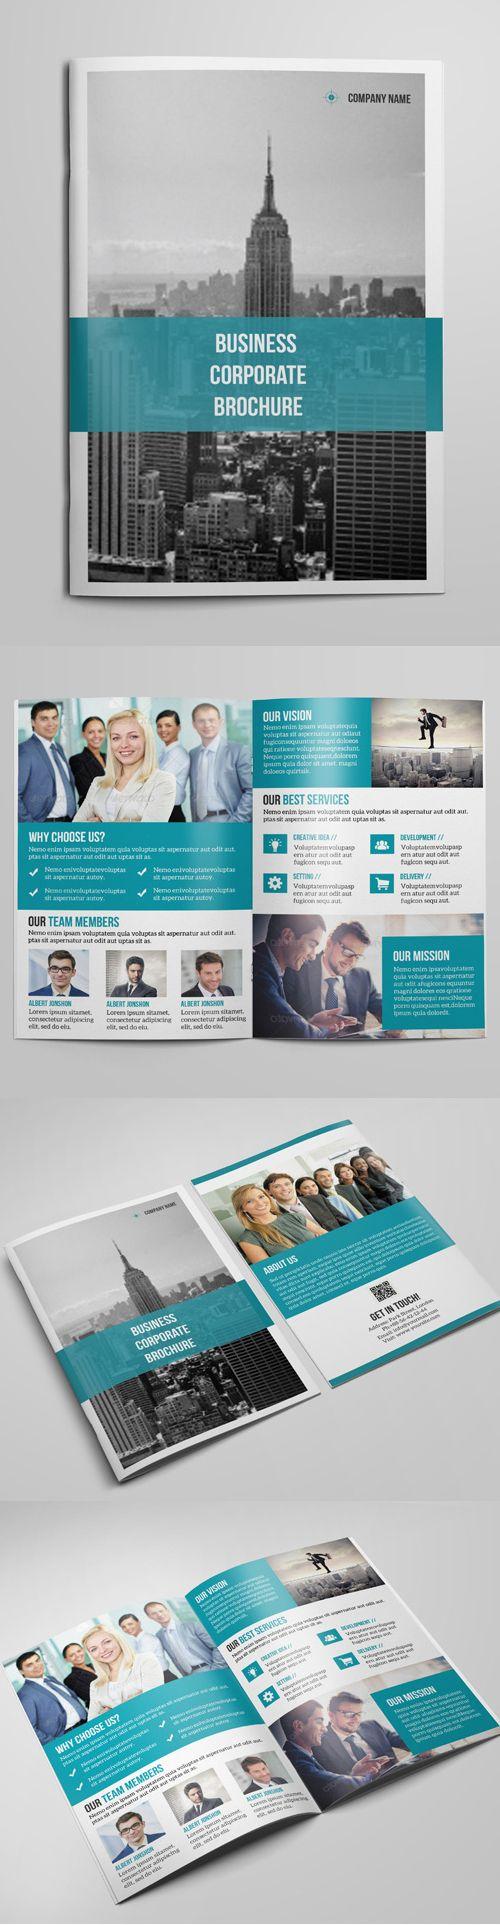 Corporate Bi-Fold Brochure Design